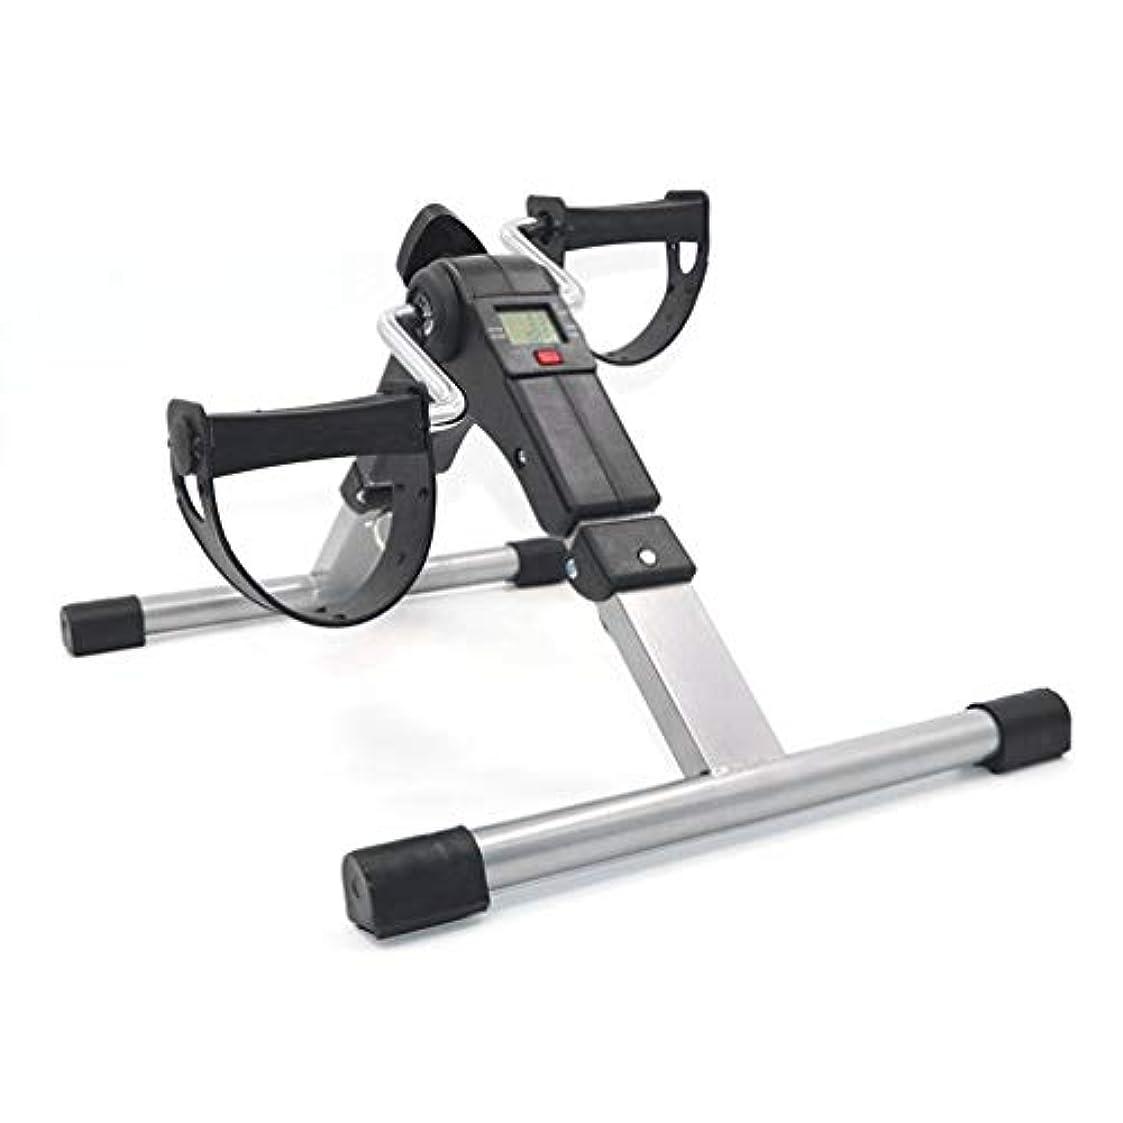 徐々に同行礼拝実用的なトレーナー自転車脚エクササイザーストローク片麻痺リハビリテーションペダル-innovationo